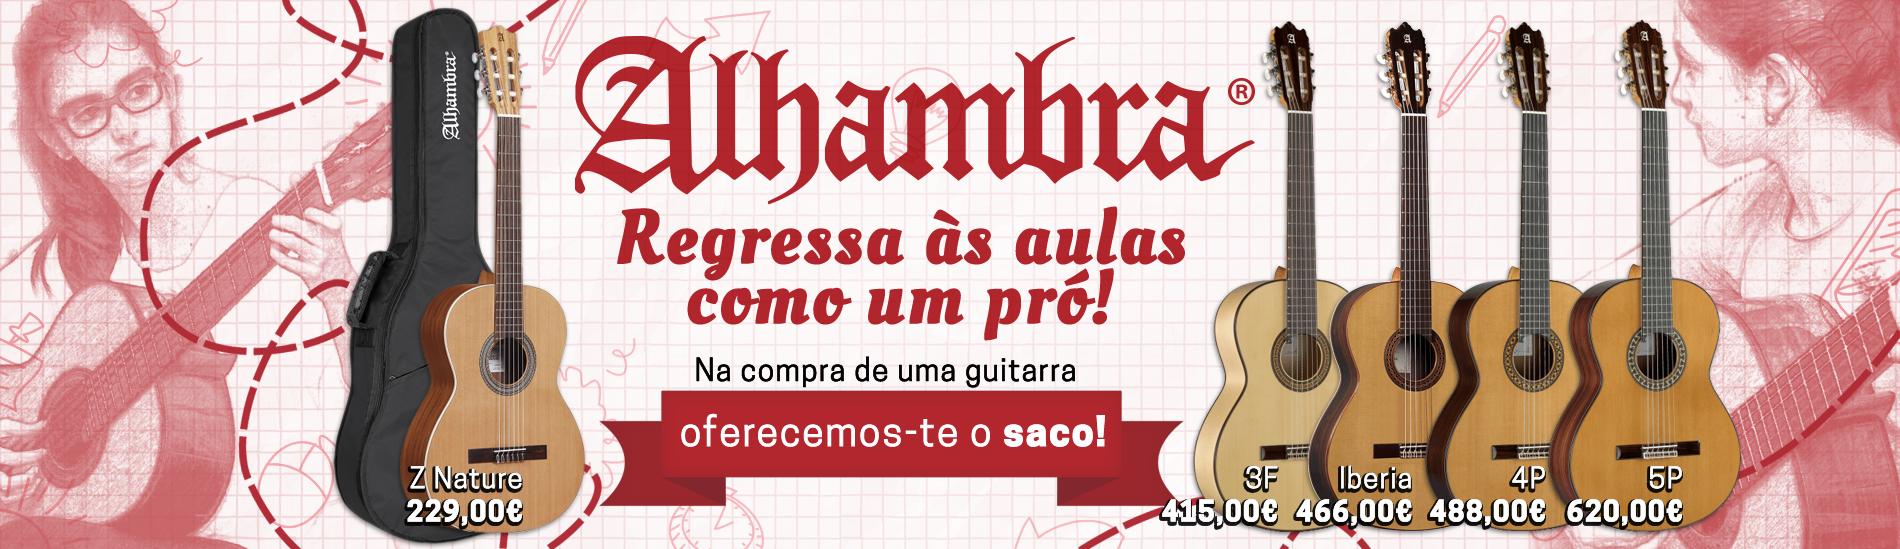 Alhambra - Regressa às aulas como um pró!